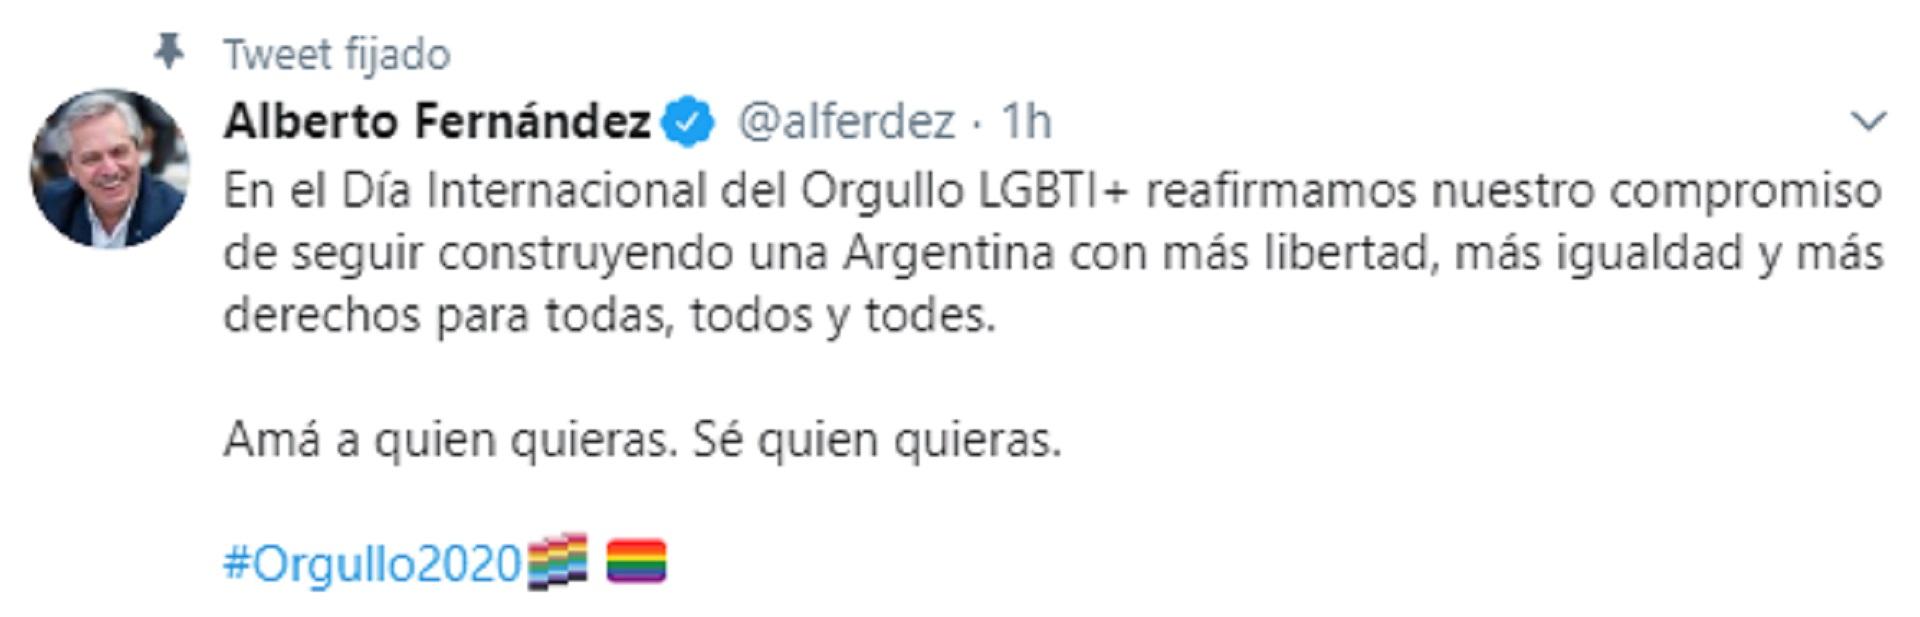 El Tuit de Alberto Fernández en el Día del Orgullo LGBTI+